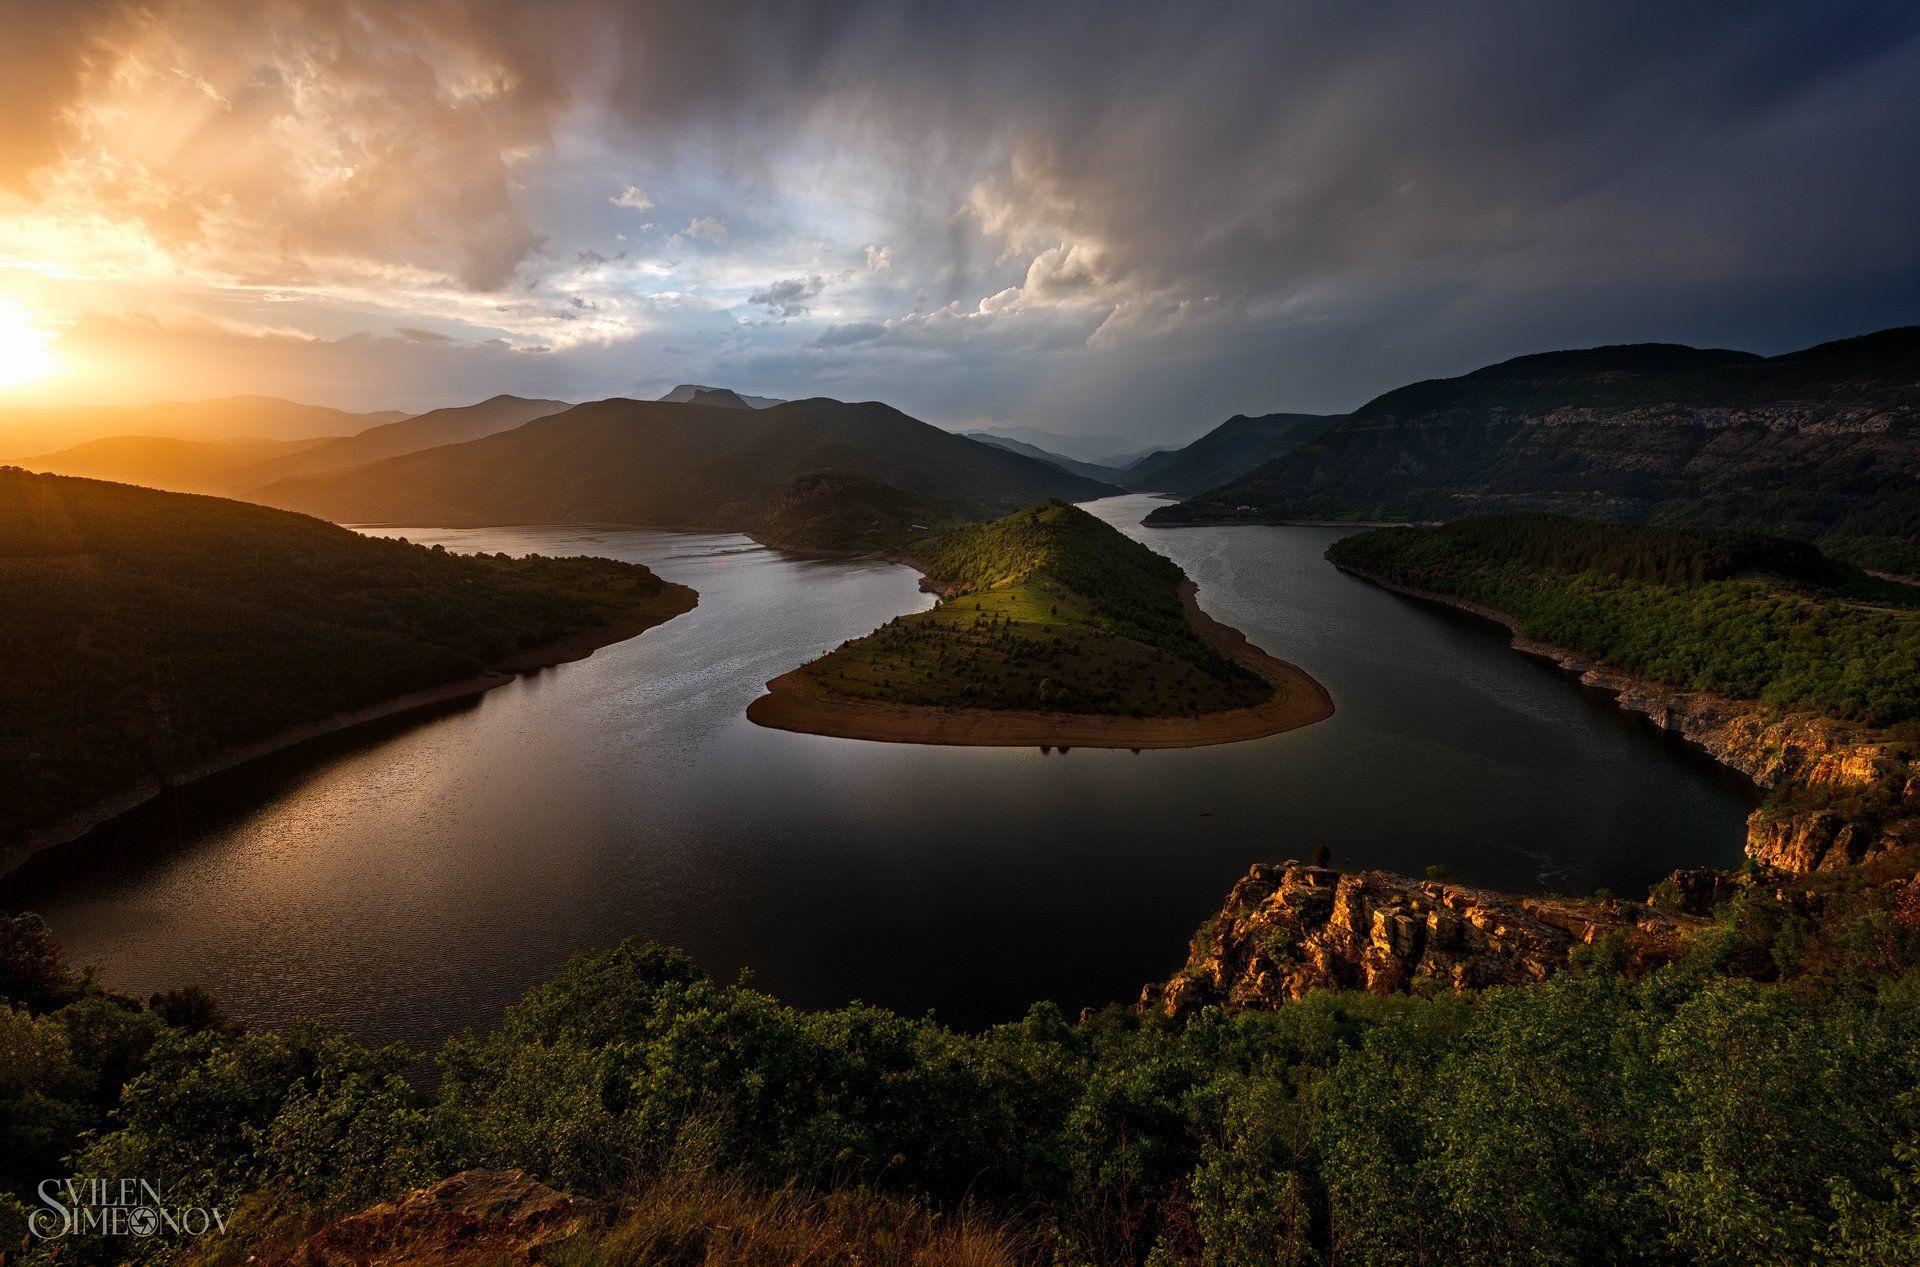 , Svilen Simeonov